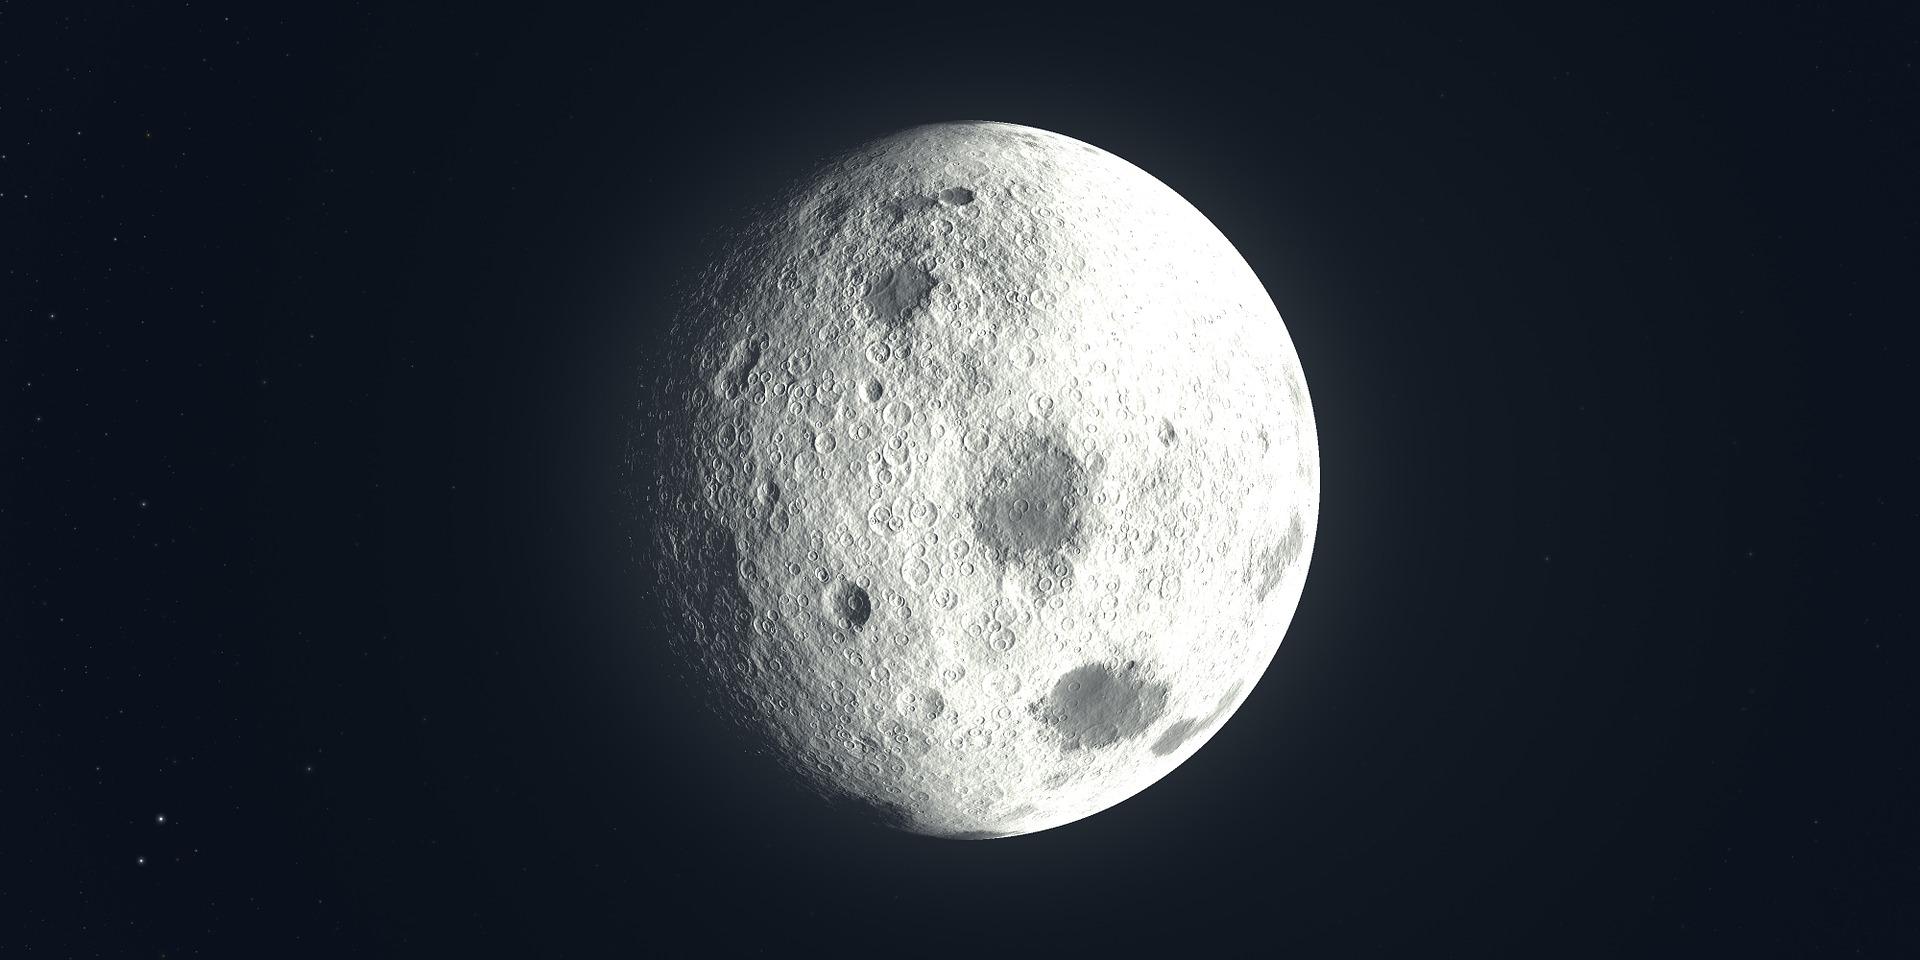 Lua, por satélite, espaço, universo, Astronomia - Papéis de parede HD - Professor-falken.com